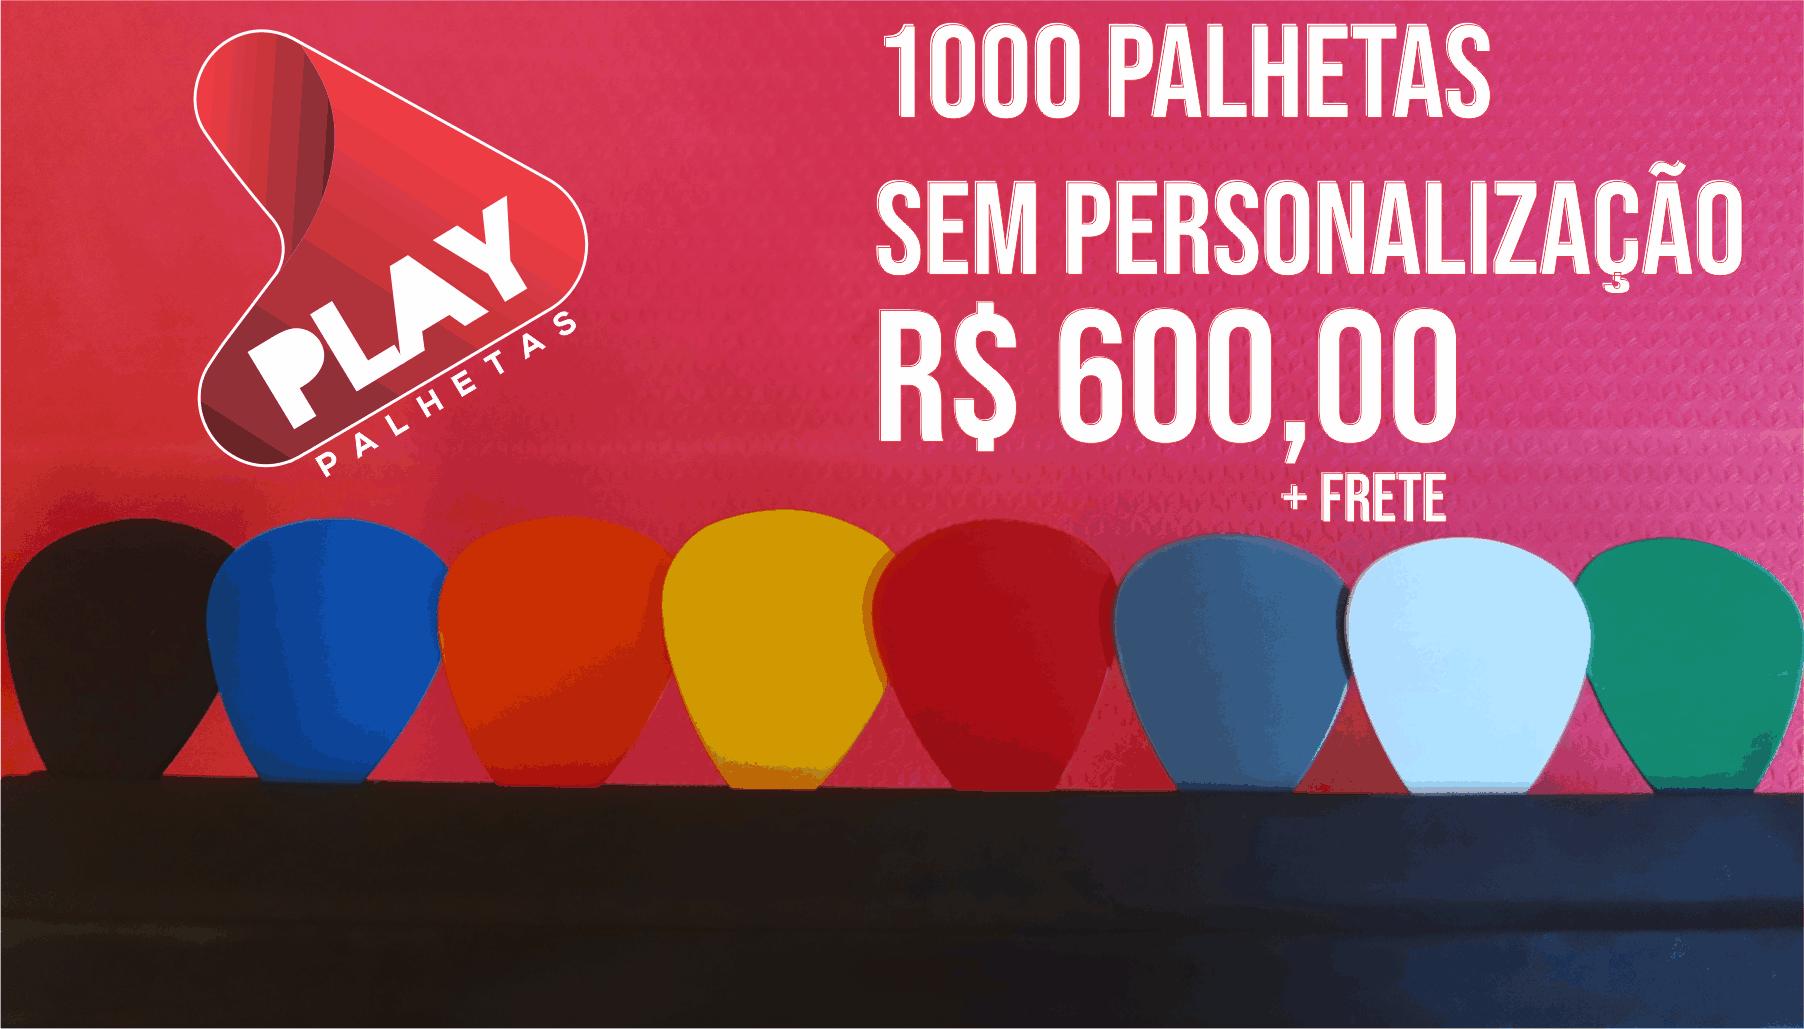 1000_PALHETAS_SEM_PERSONALIZAÇÃO_R$_600,